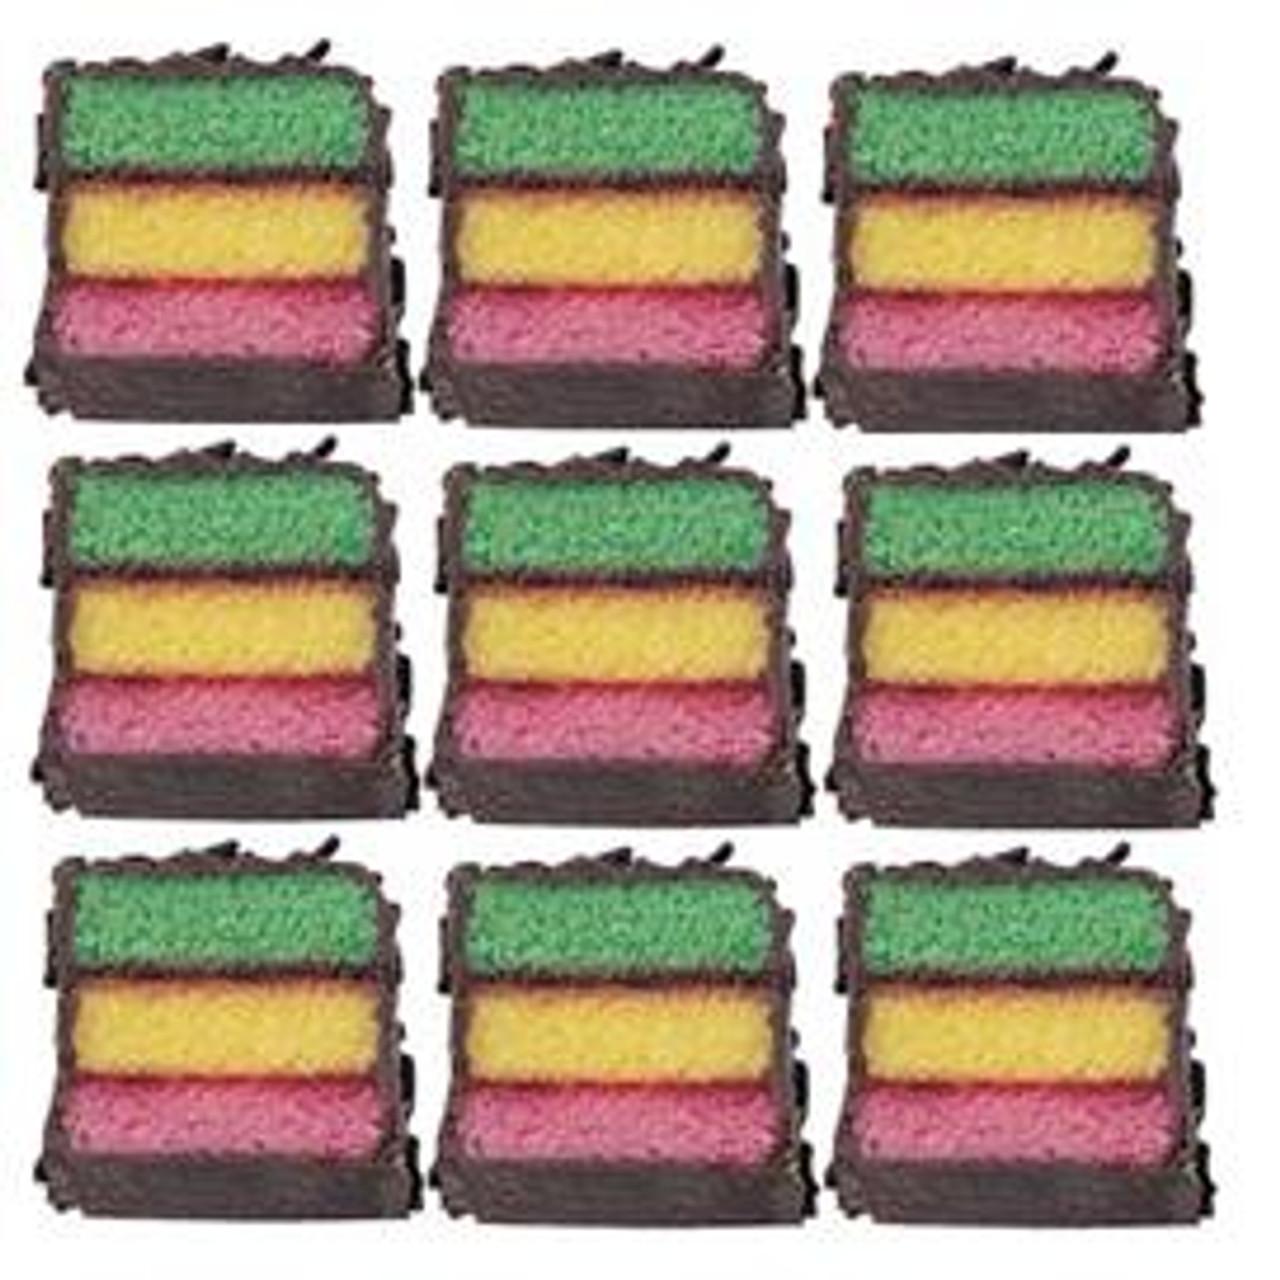 Rainbow Layer Cookies